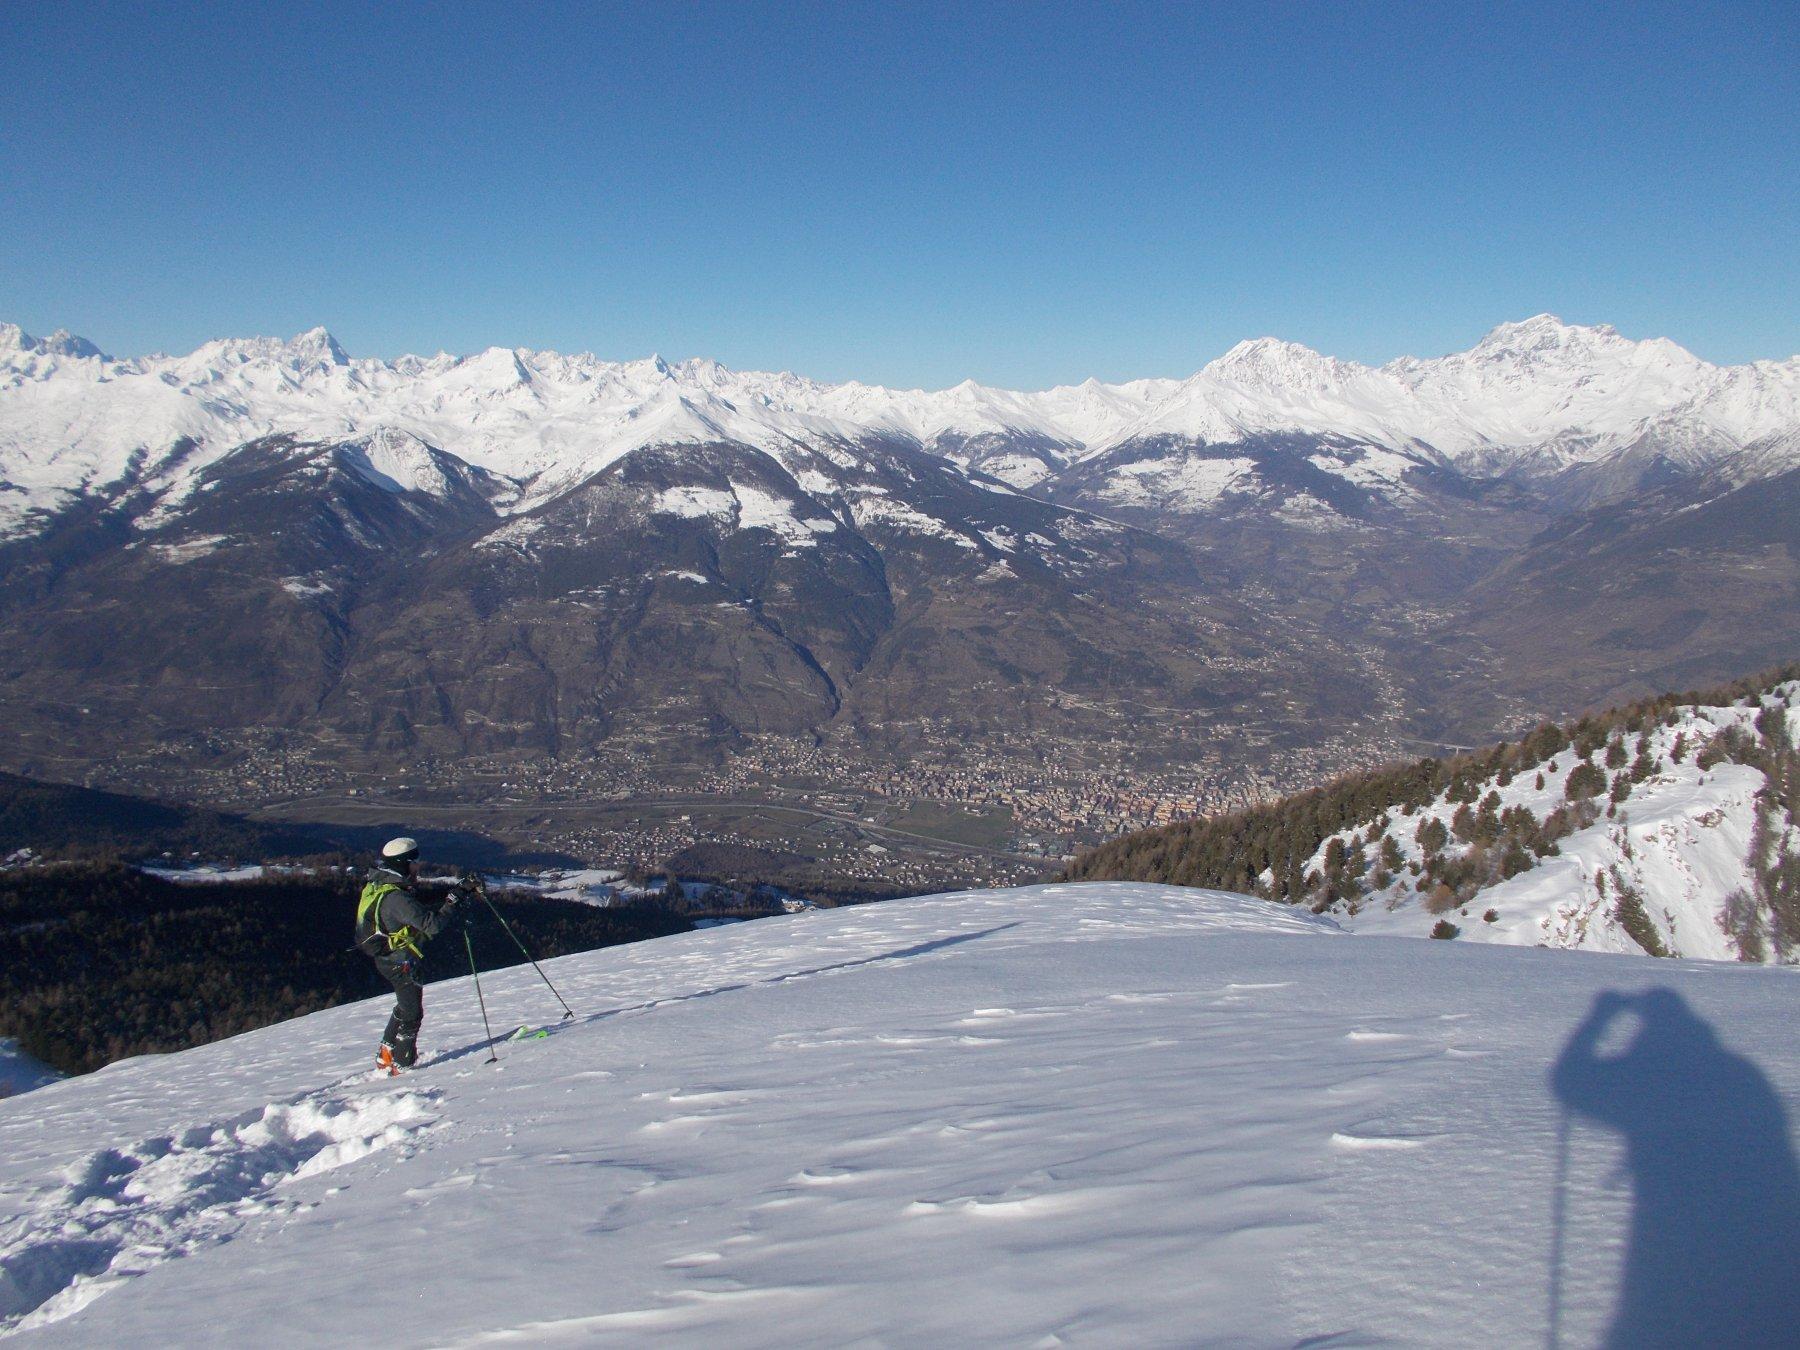 uno sguardo giu' verso la conca di Aosta..